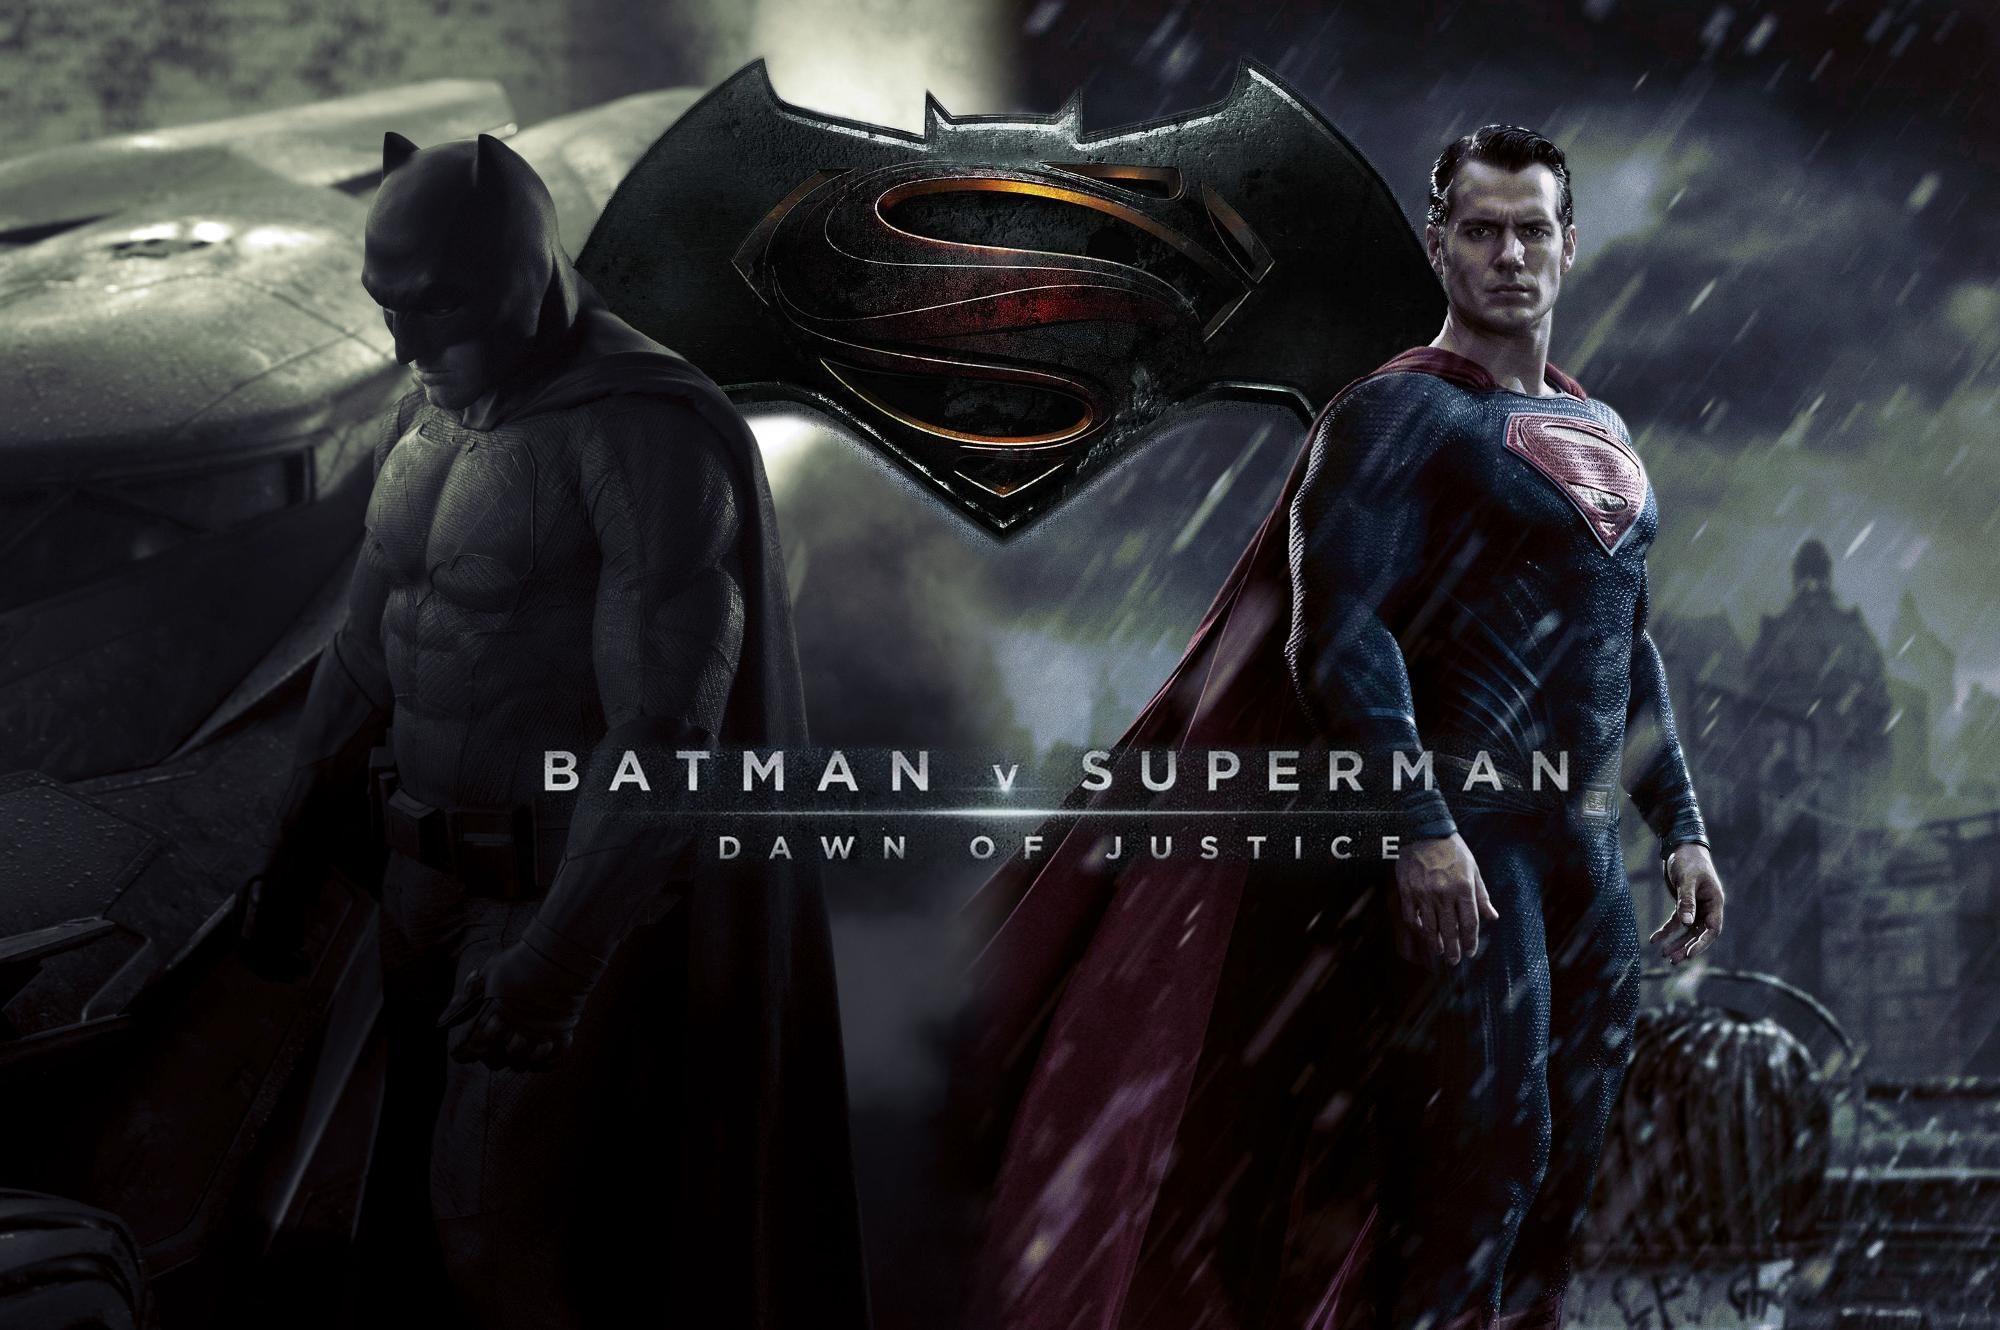 batman vs superman wallpapers wallpaper cave android pinterest